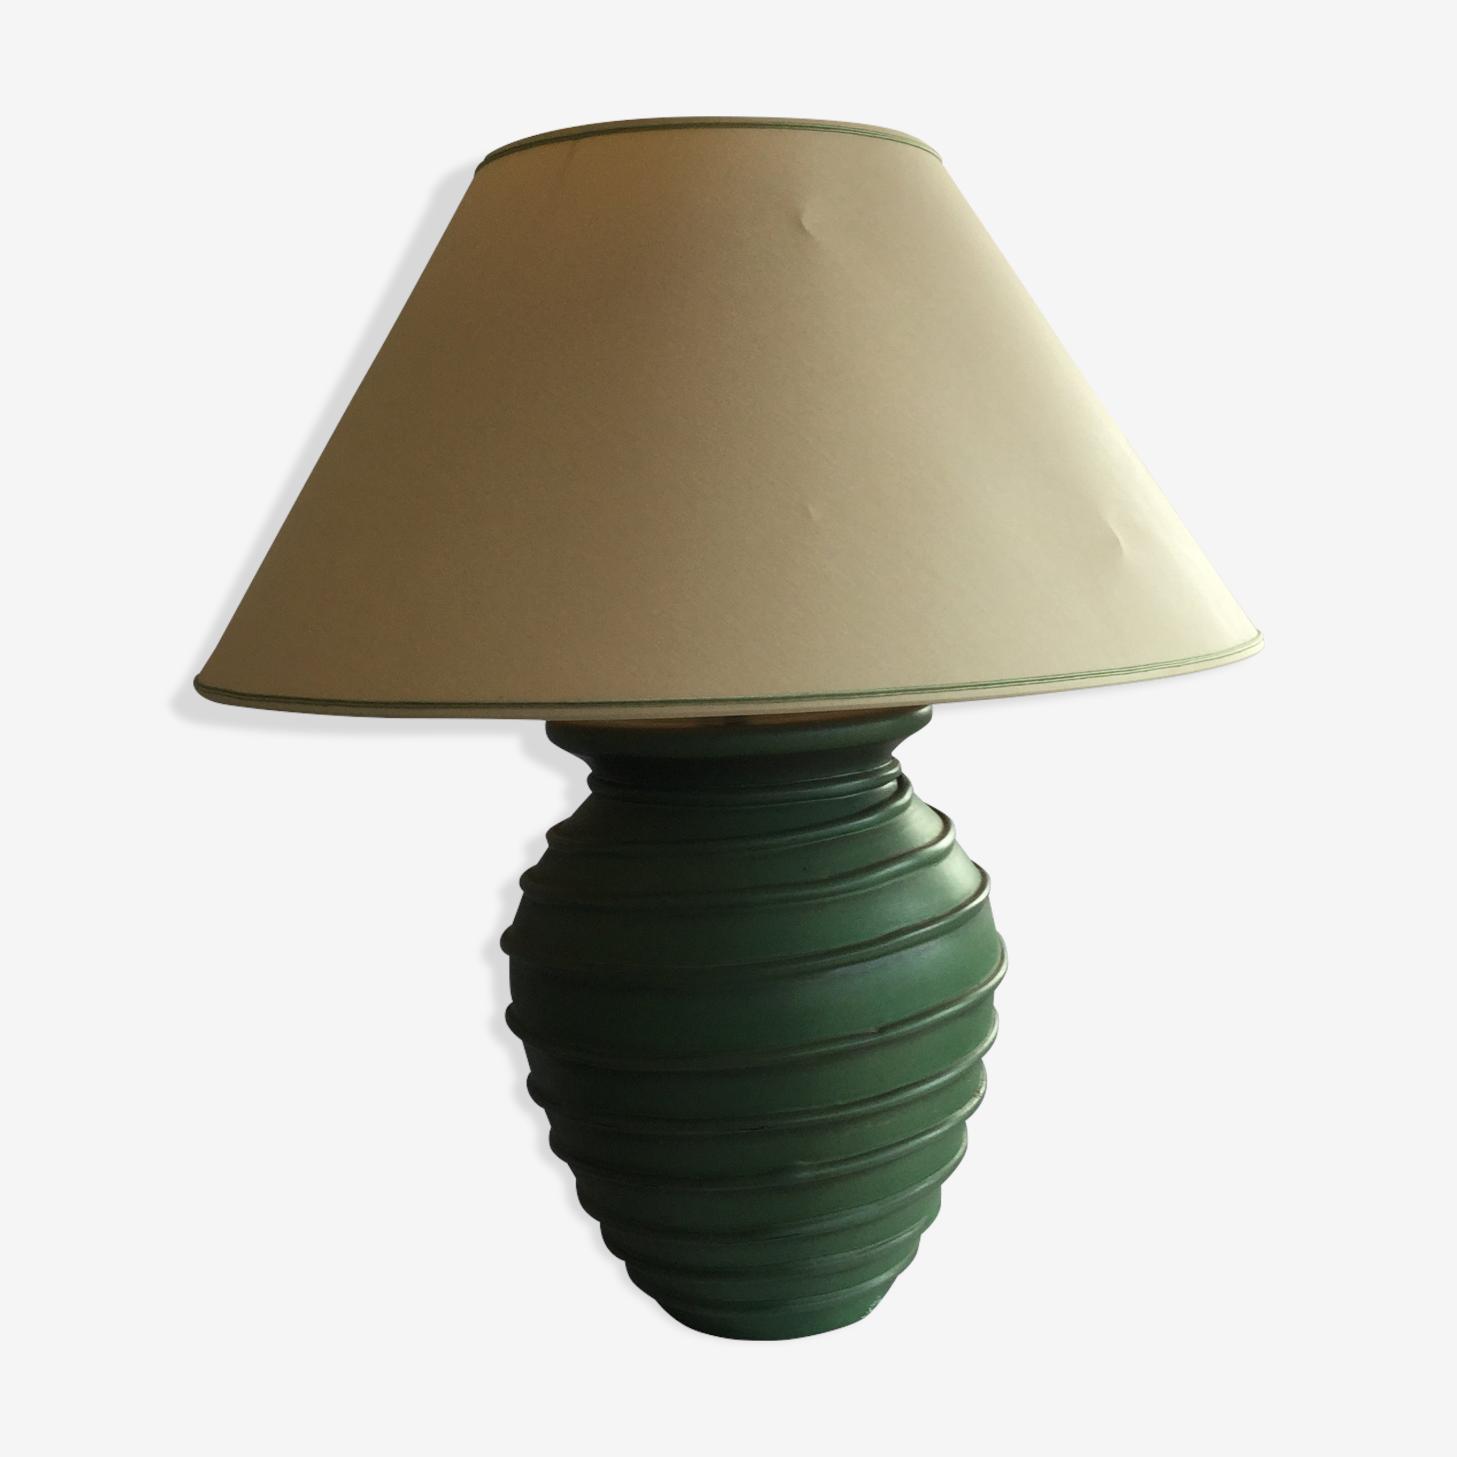 Earthenware lamp